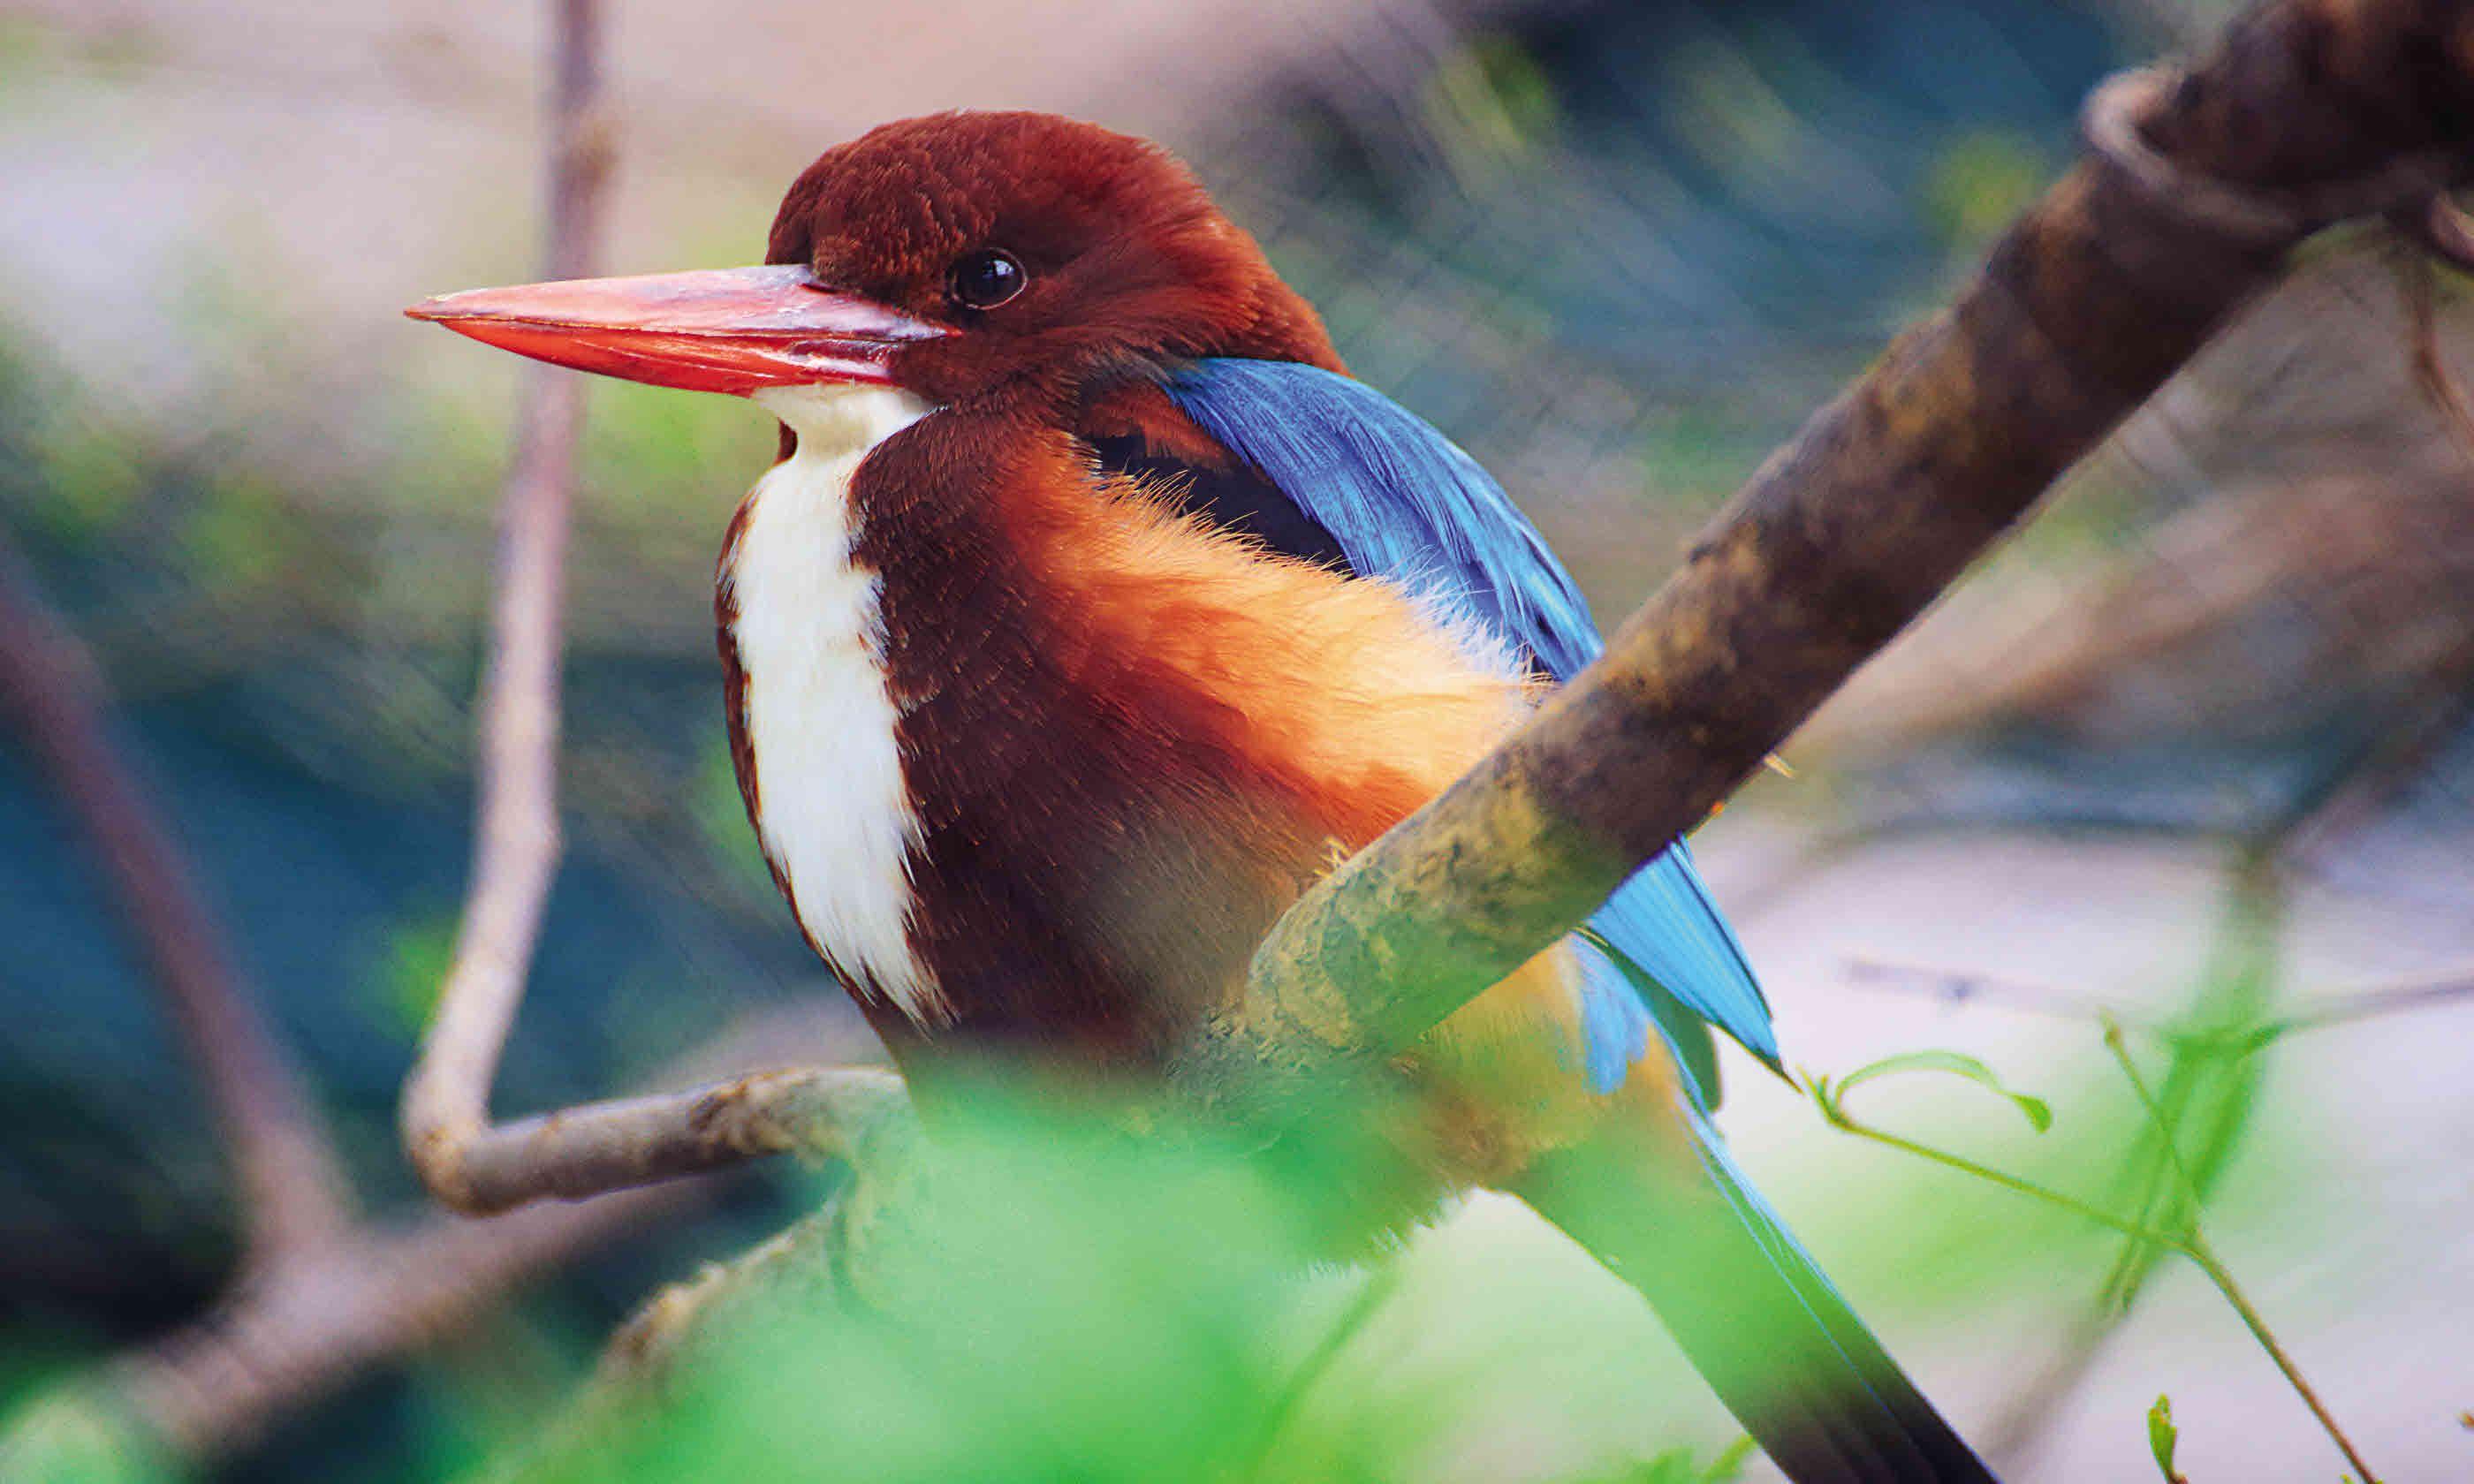 Birdlife in Rajasthan (Dreamstime)